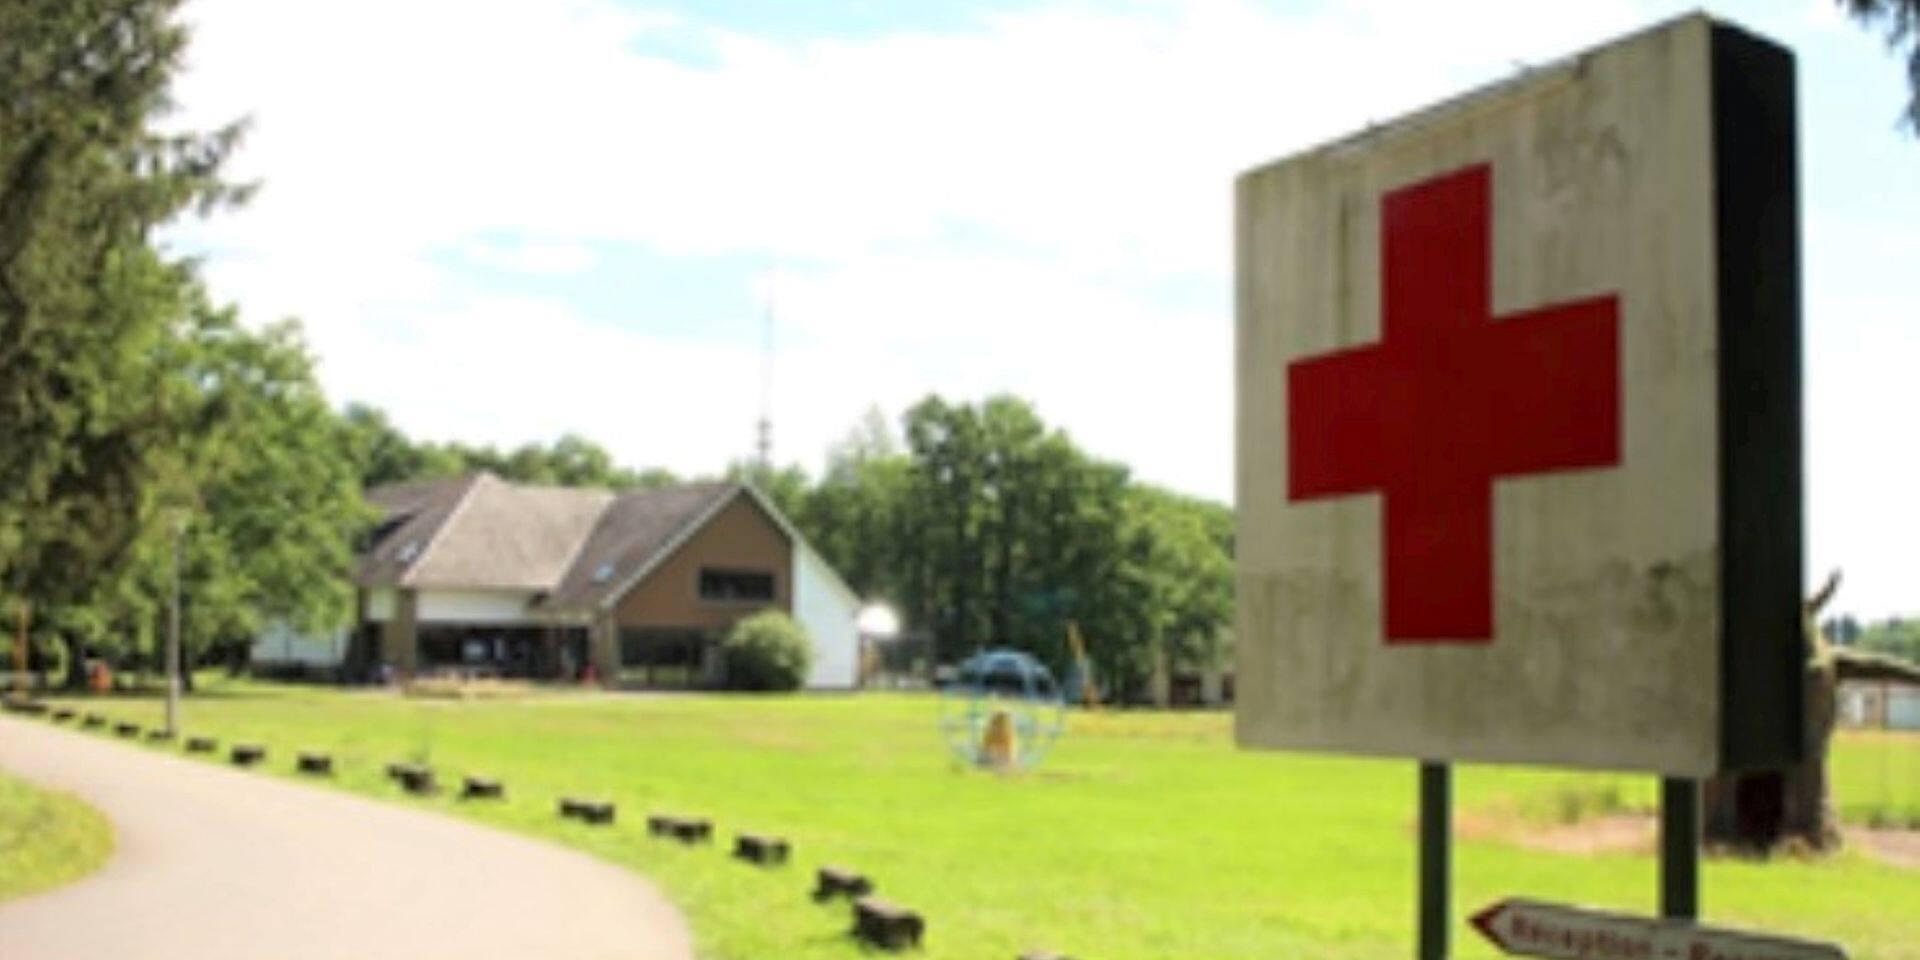 Hotton : incendie au centre d'accueil de la Croix-Rouge